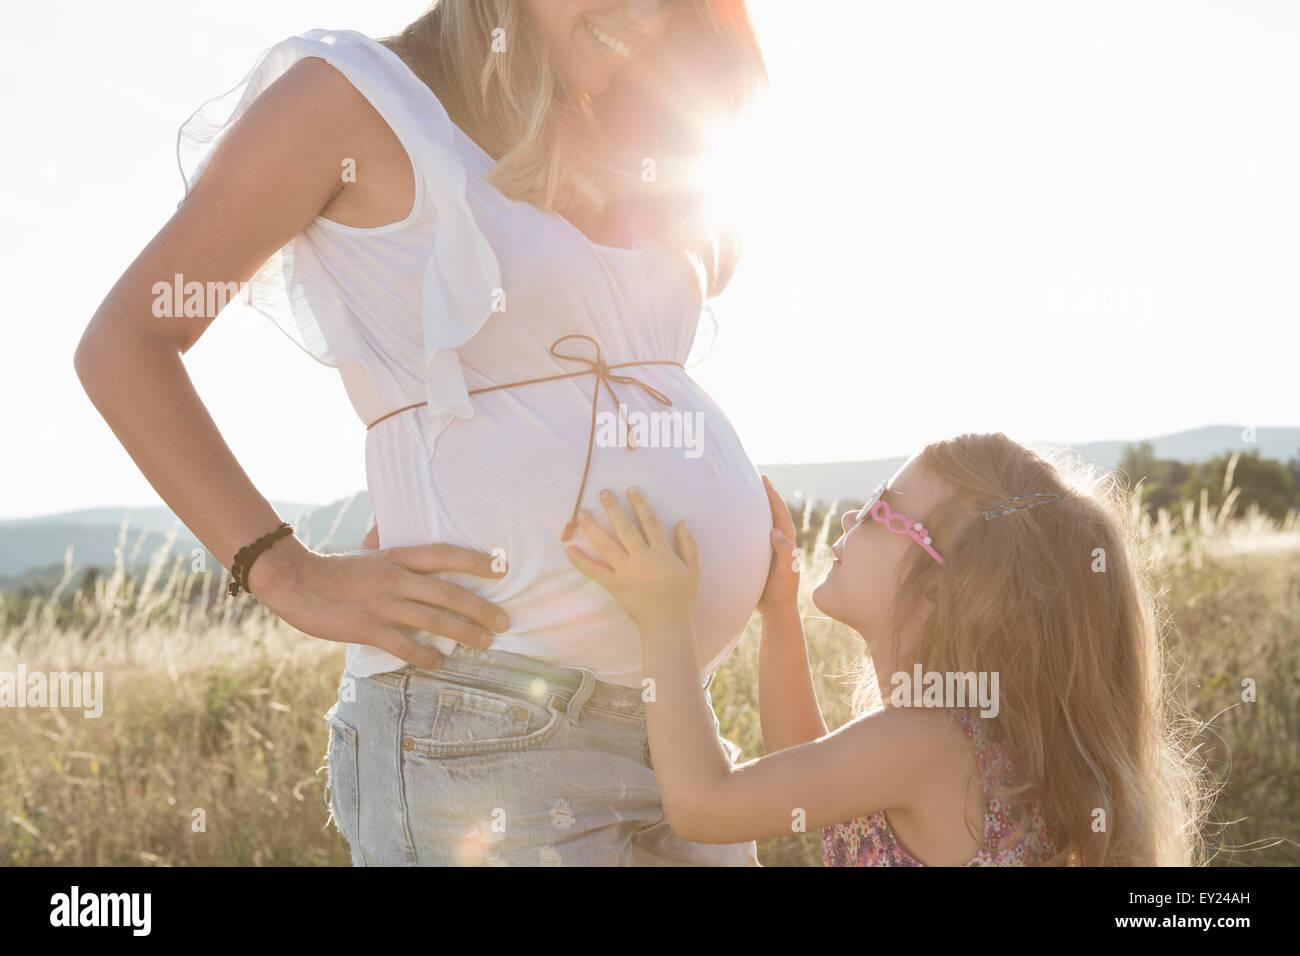 Chica tocando las madres embarazadas en campo de estómago Foto de stock